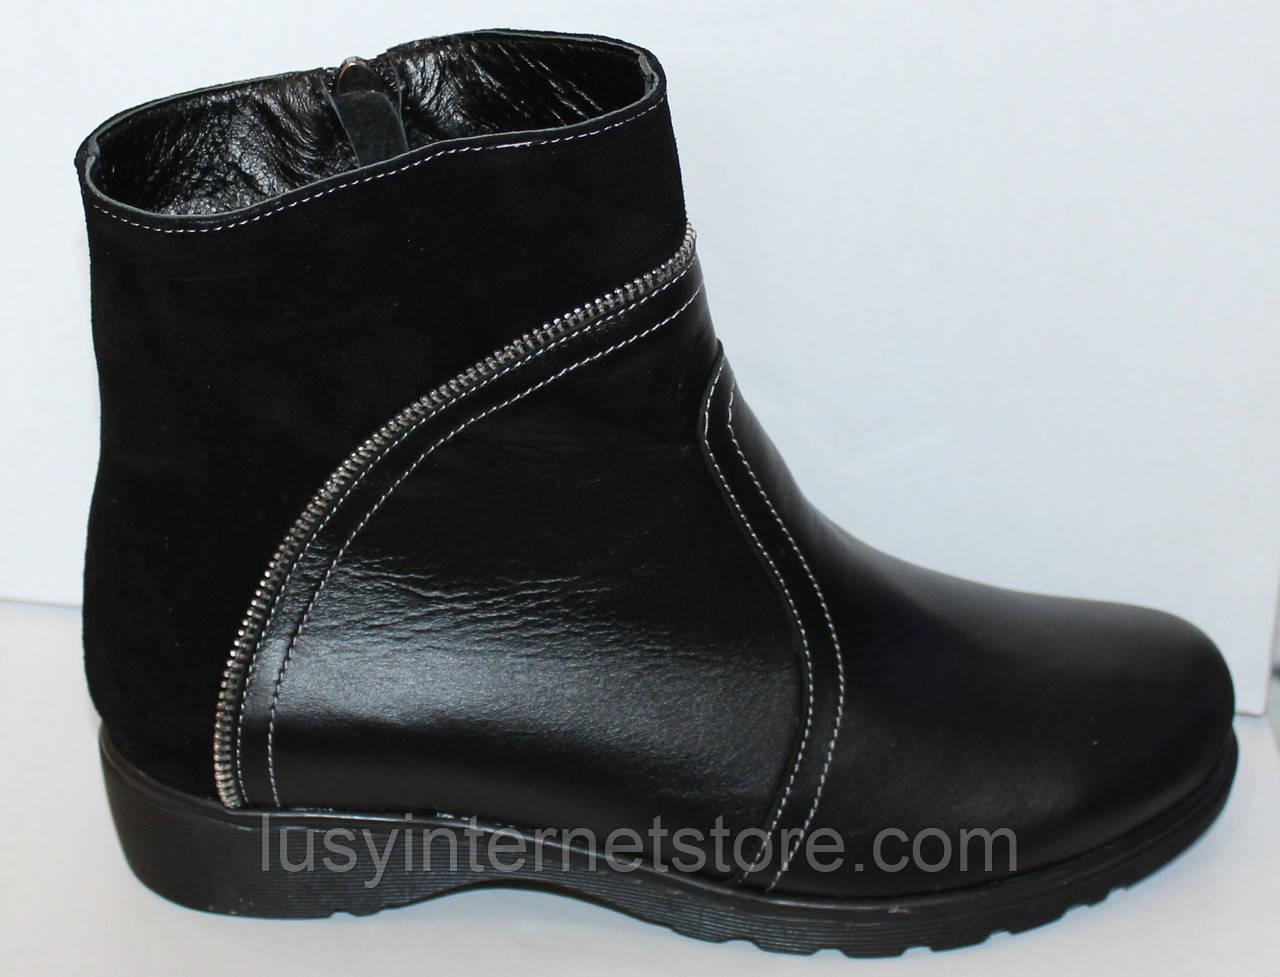 Ботинки большого размера весенние кожаные от производителя модель ВБ1М